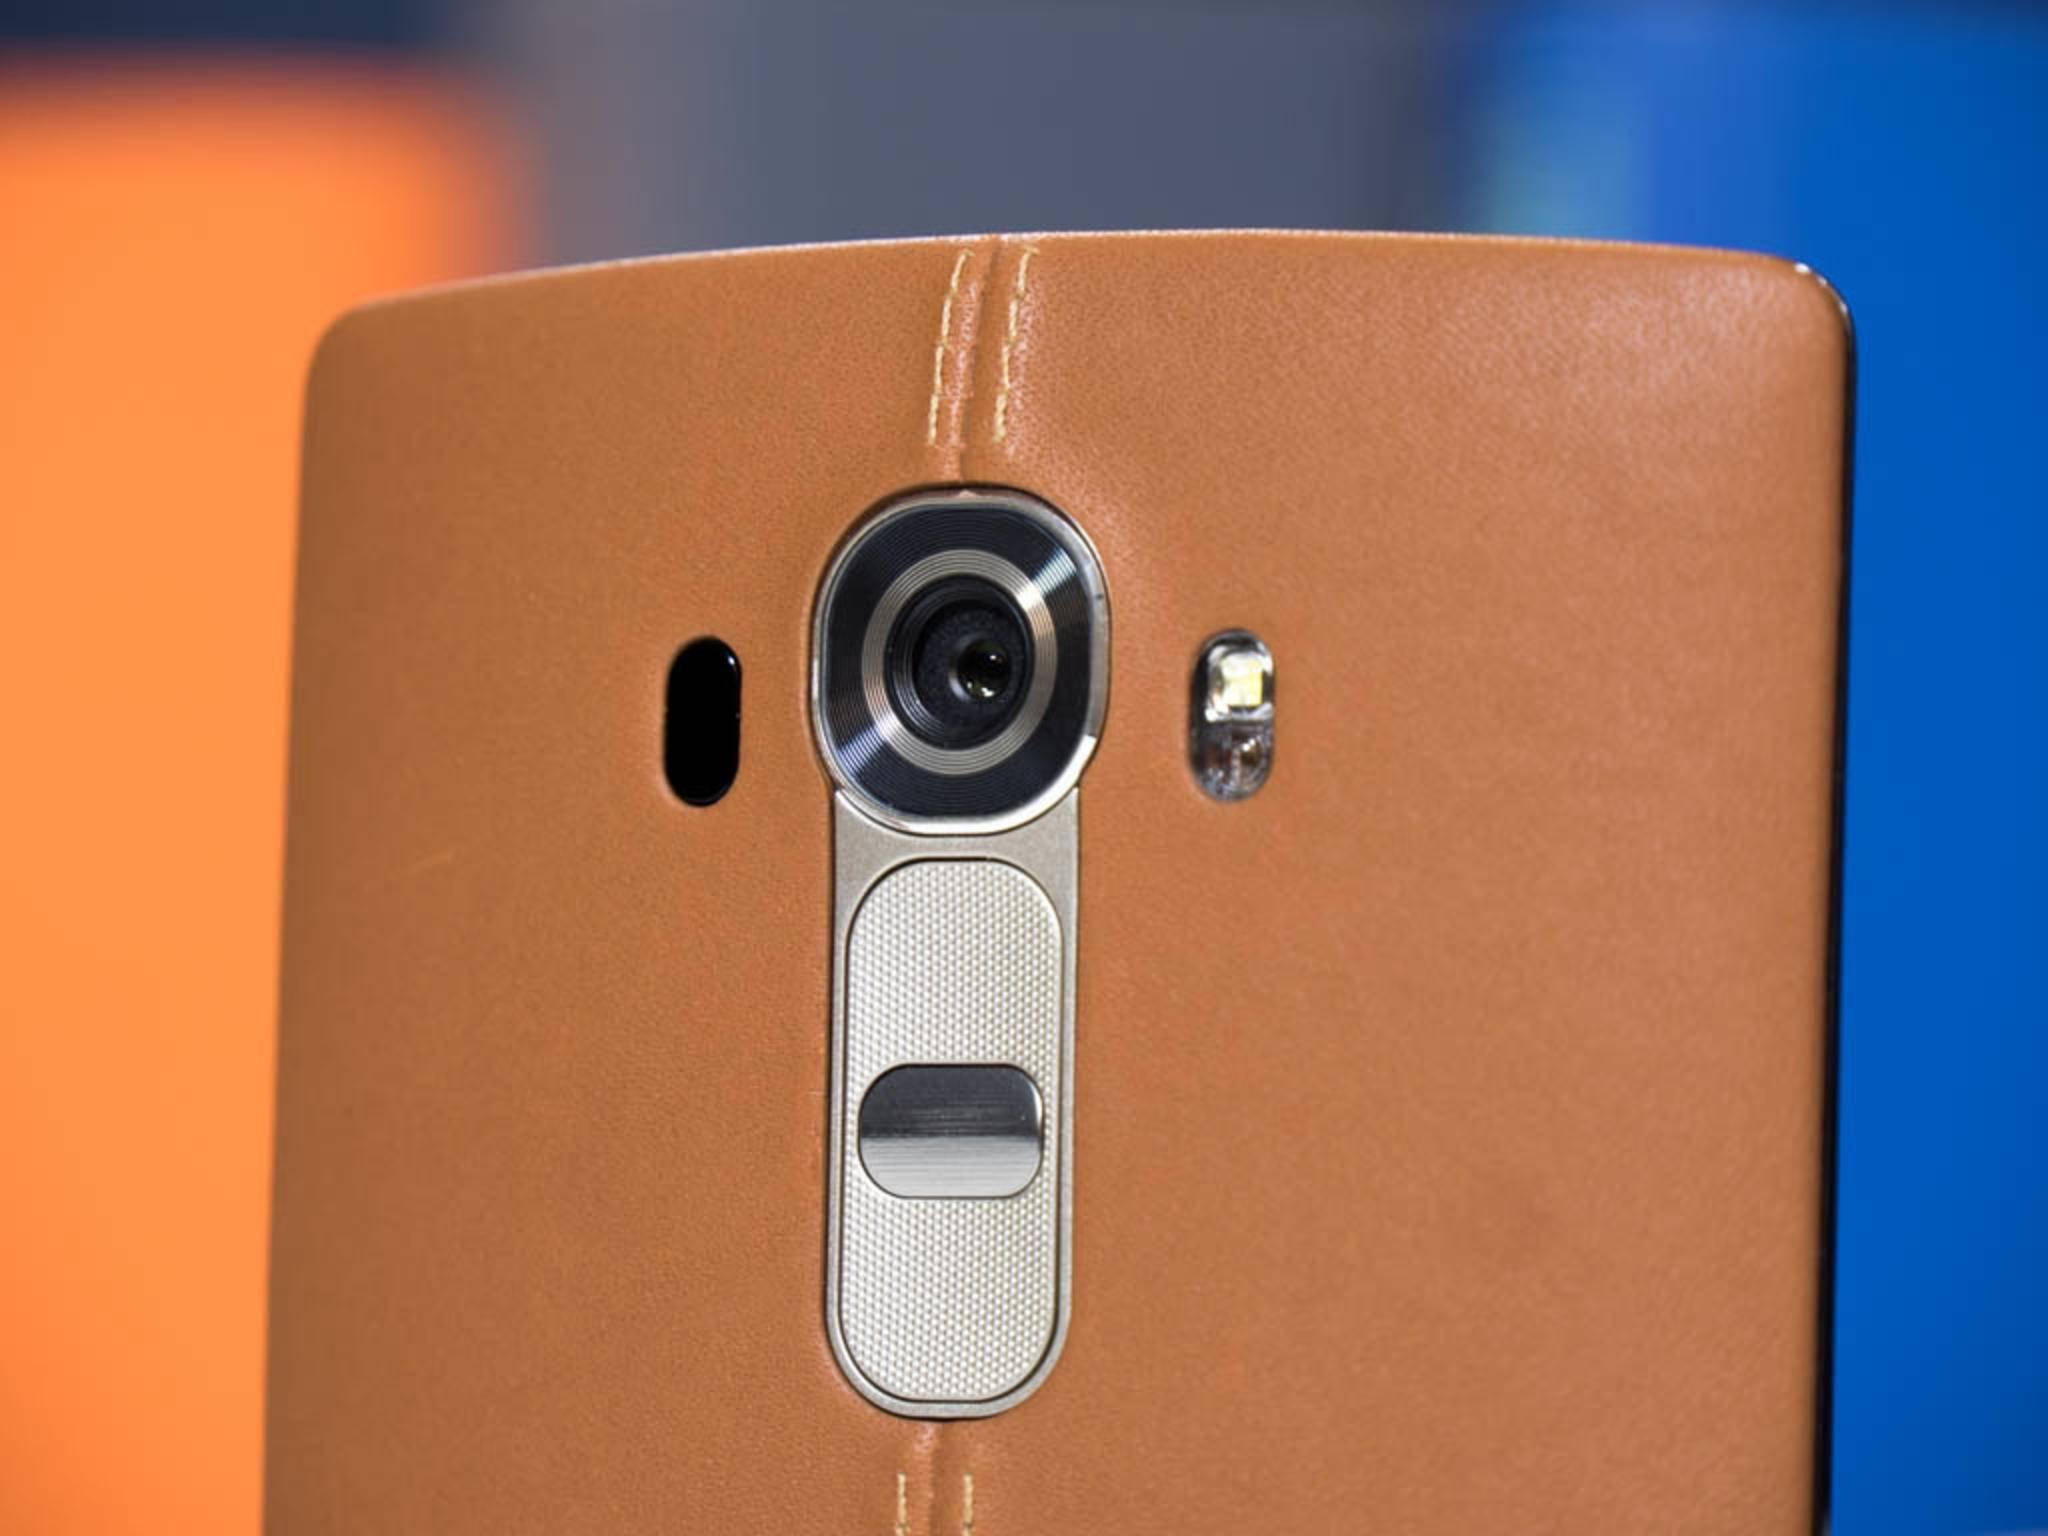 Das LG G4 soll im Oktober einen weiteren Ableger erhalten.